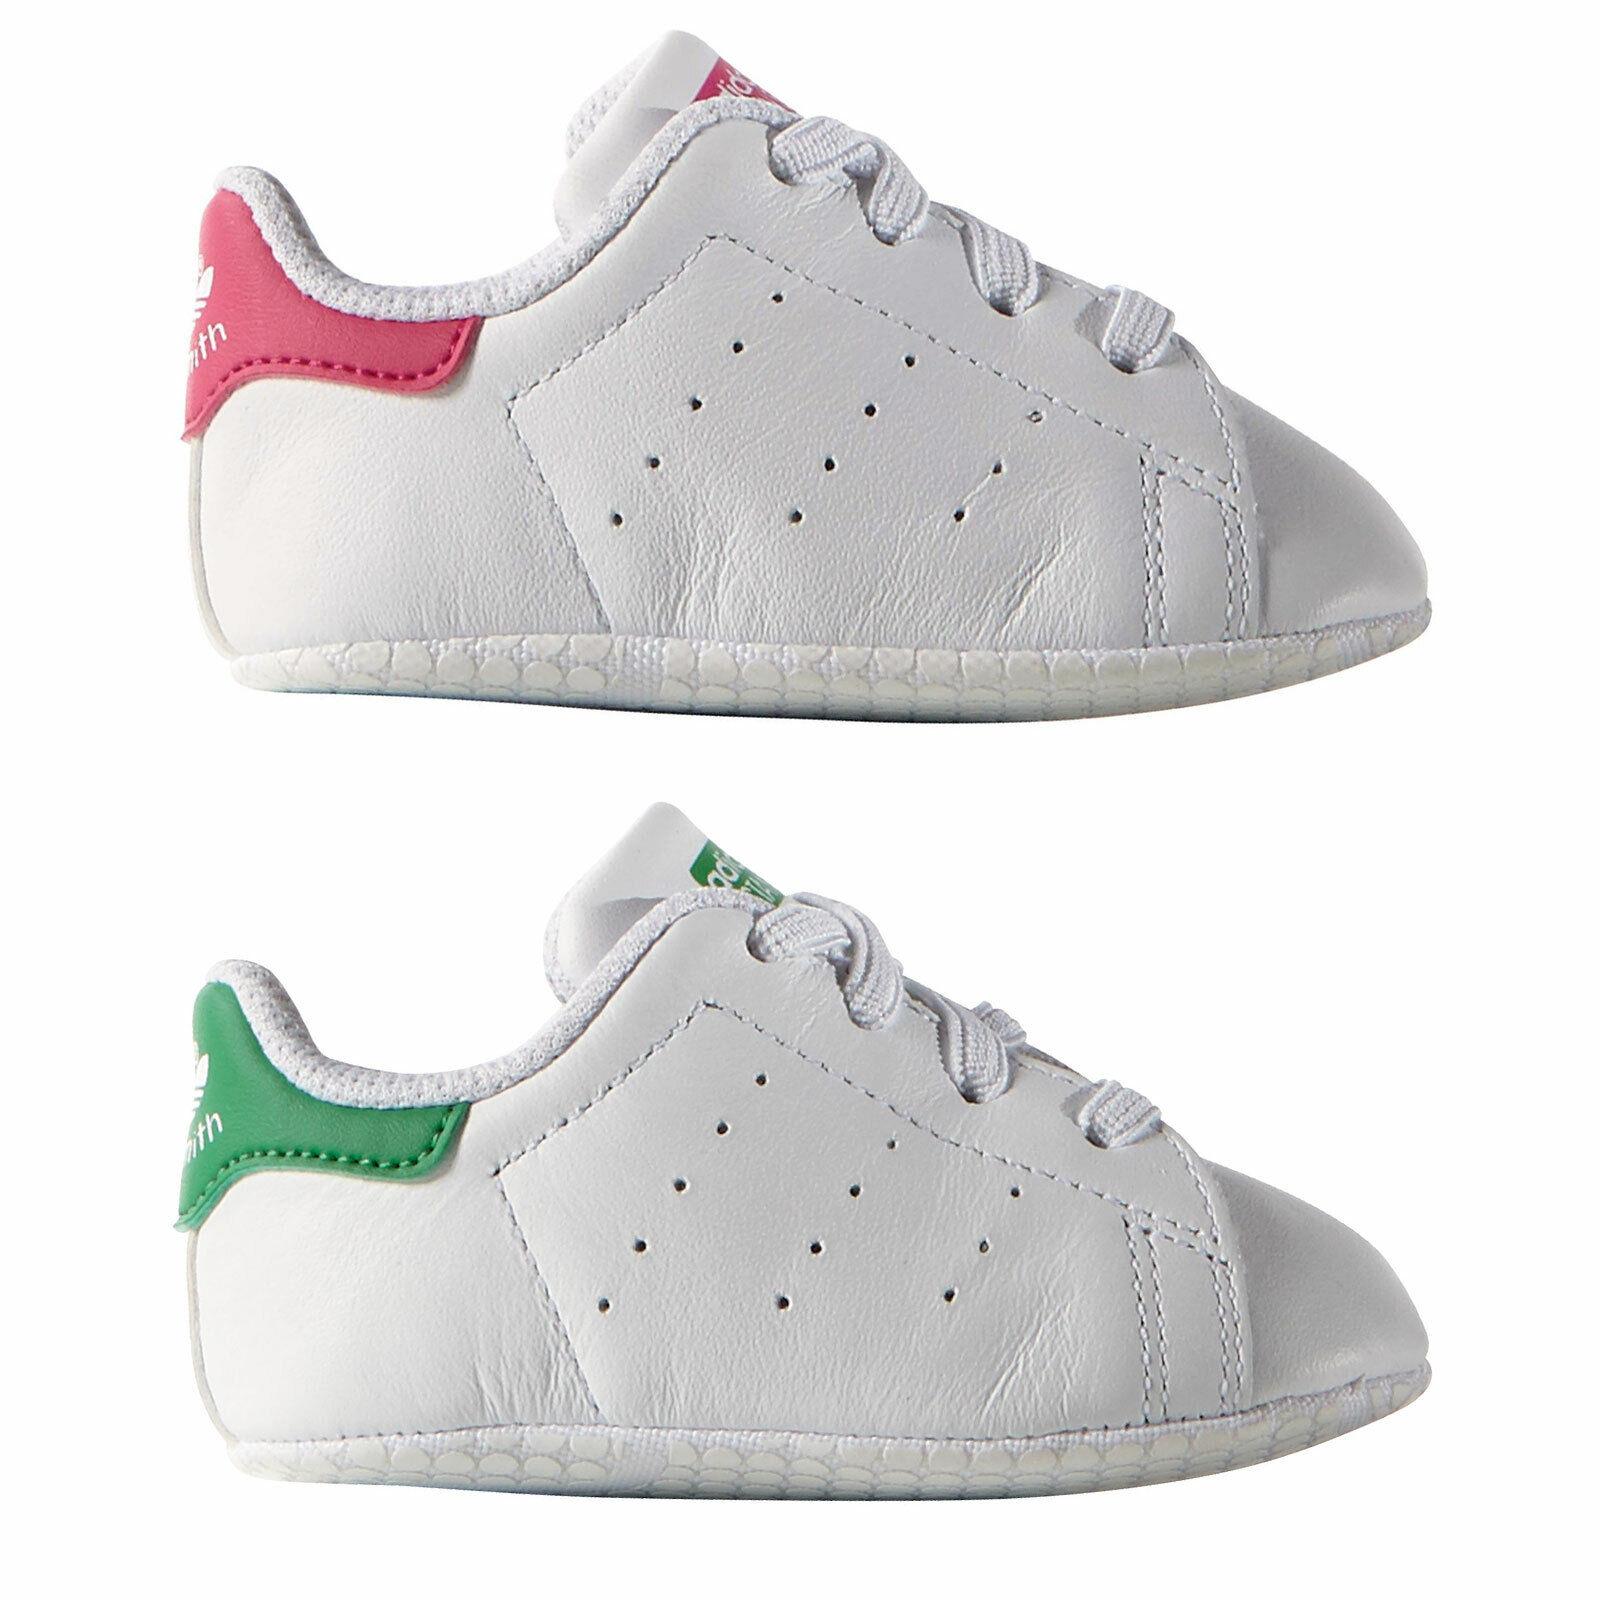 Adidas Adidas Schnürsenkel Vergleich Test Babyschuhe Test Vergleich Schnürsenkel Babyschuhe 3cA5RqL4j